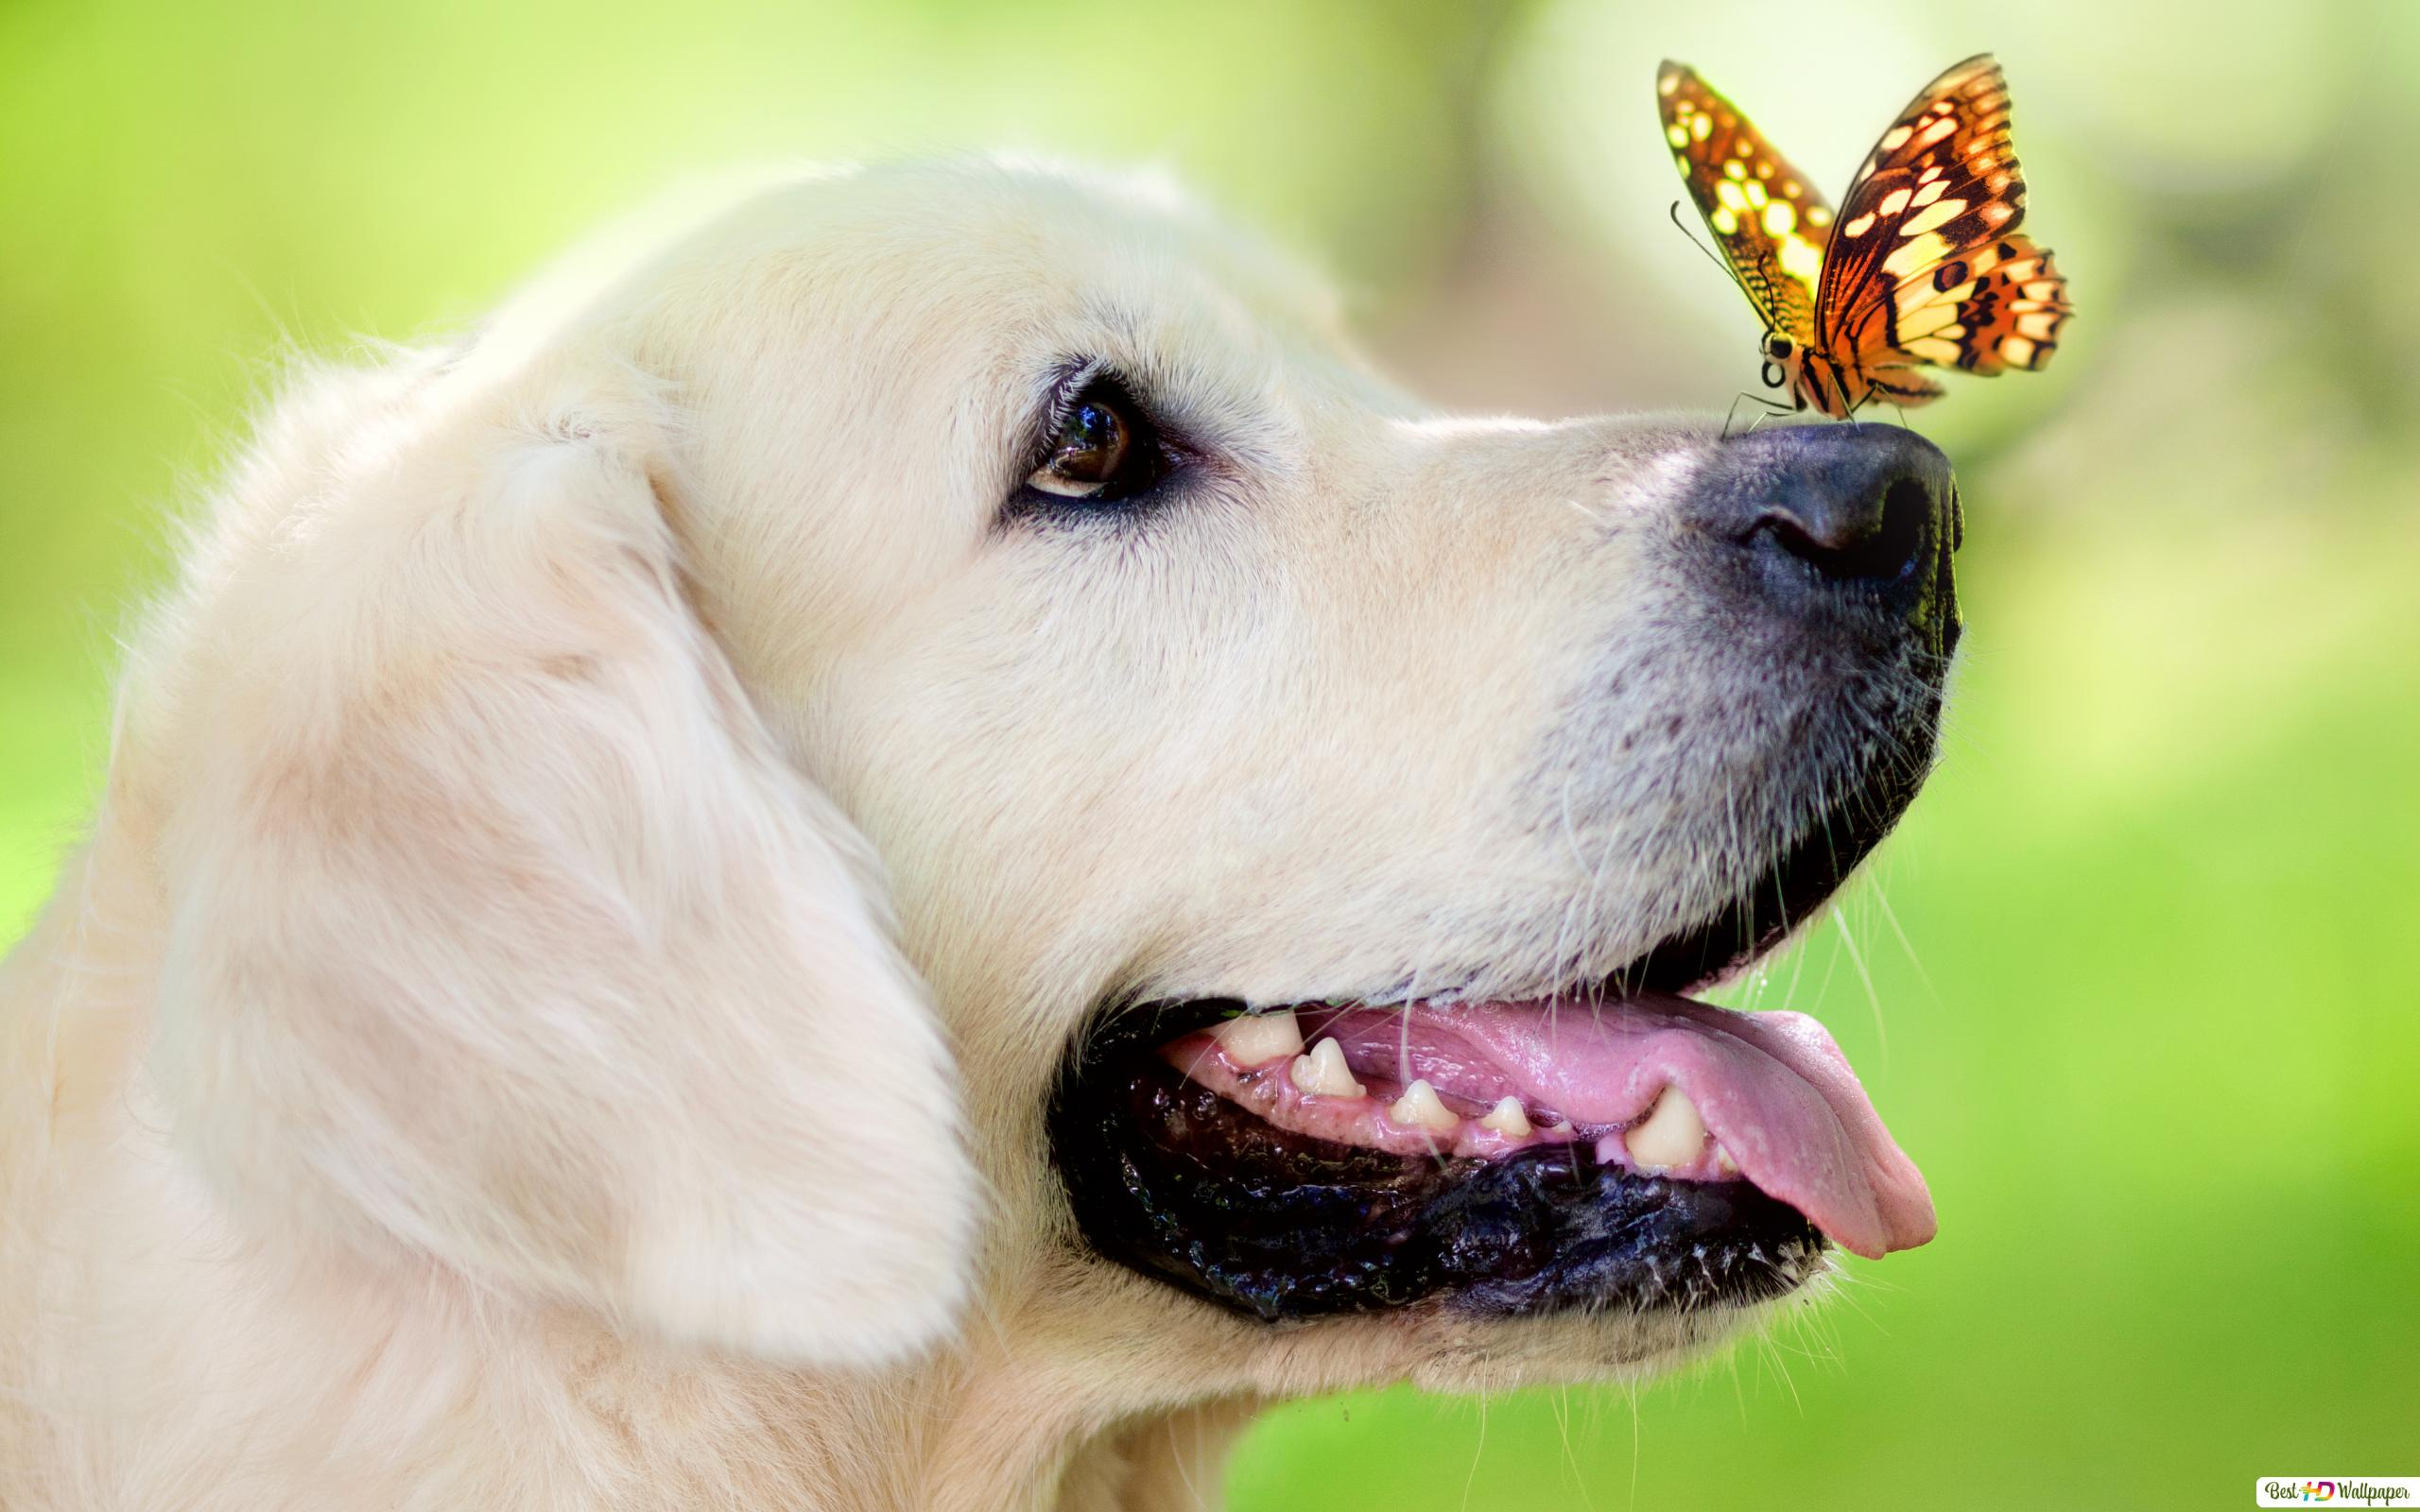 犬の鼻の上に蝶 Hd壁紙のダウンロード